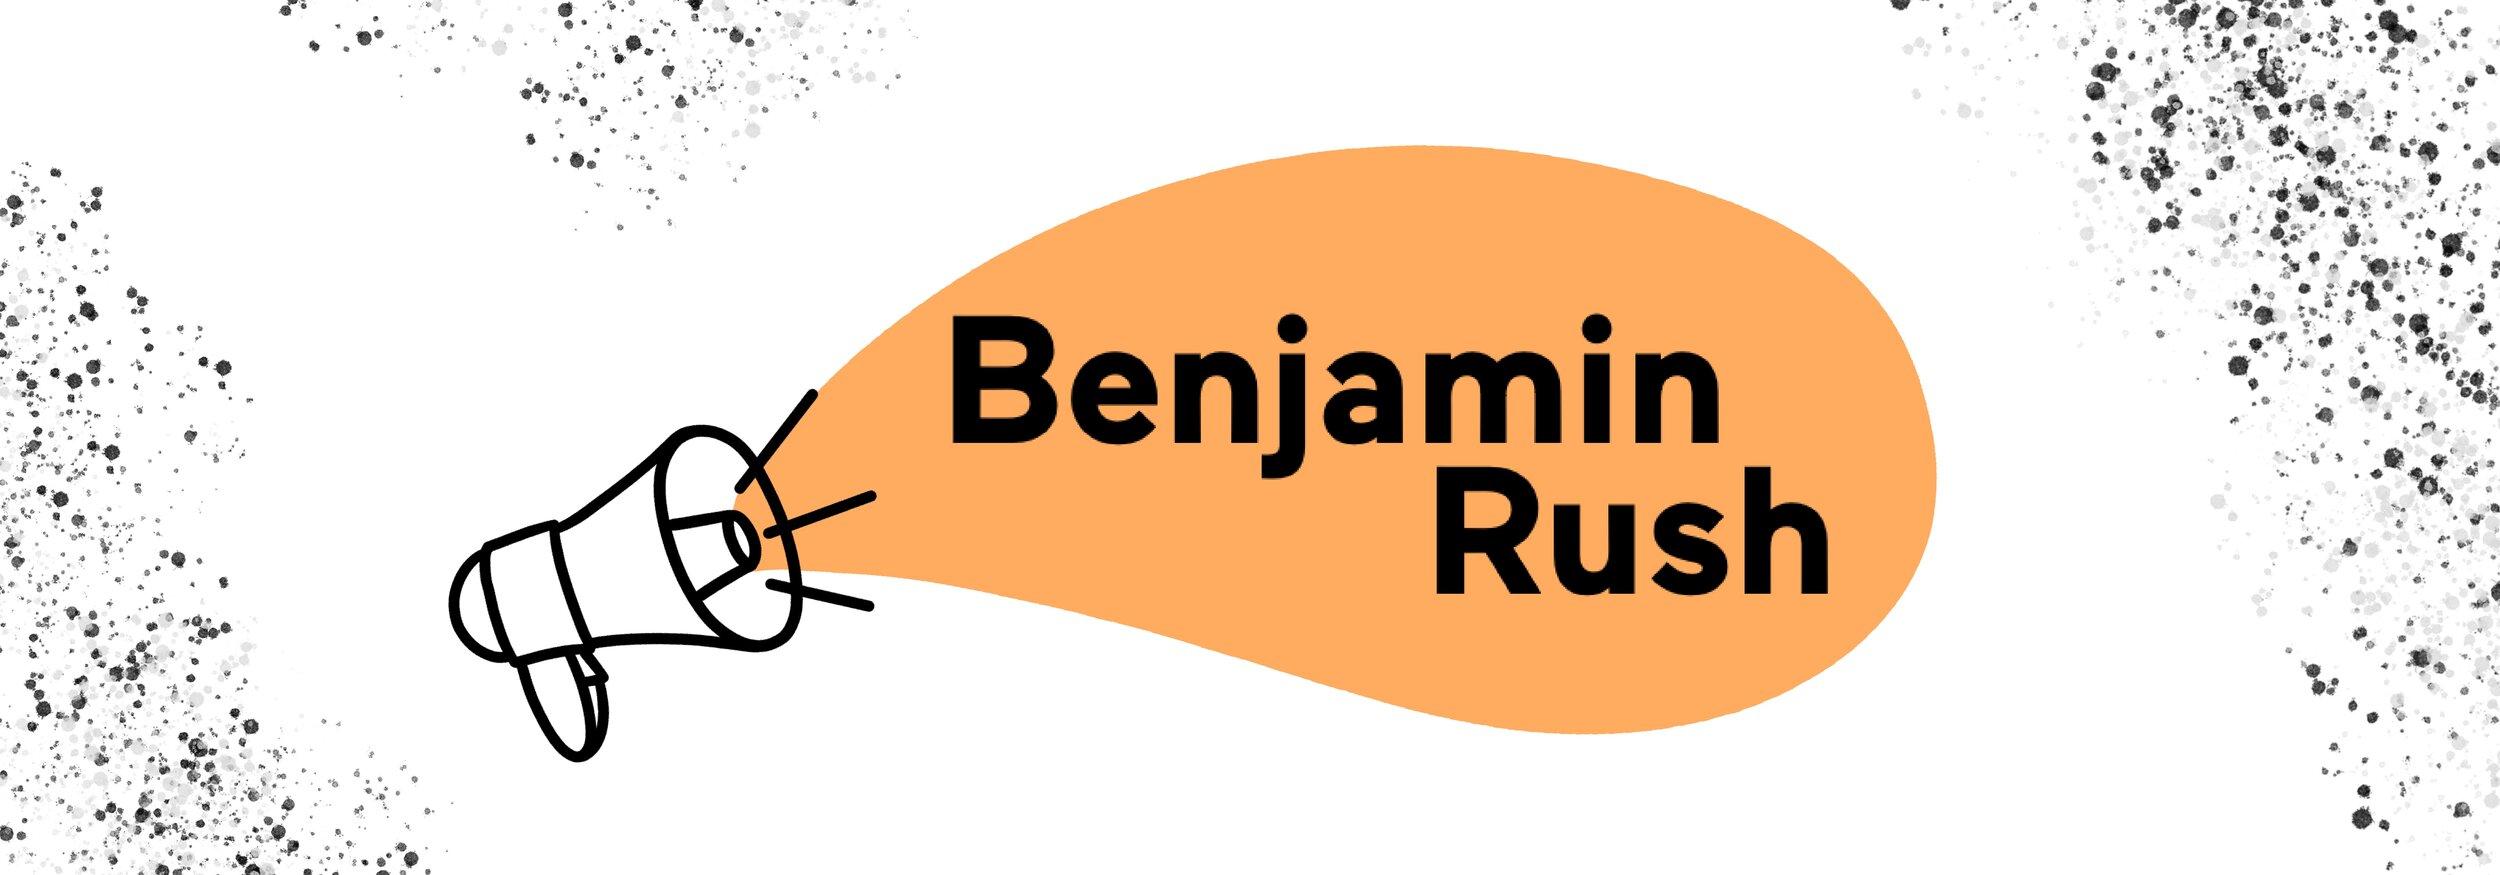 Benjamin_Rush.jpg